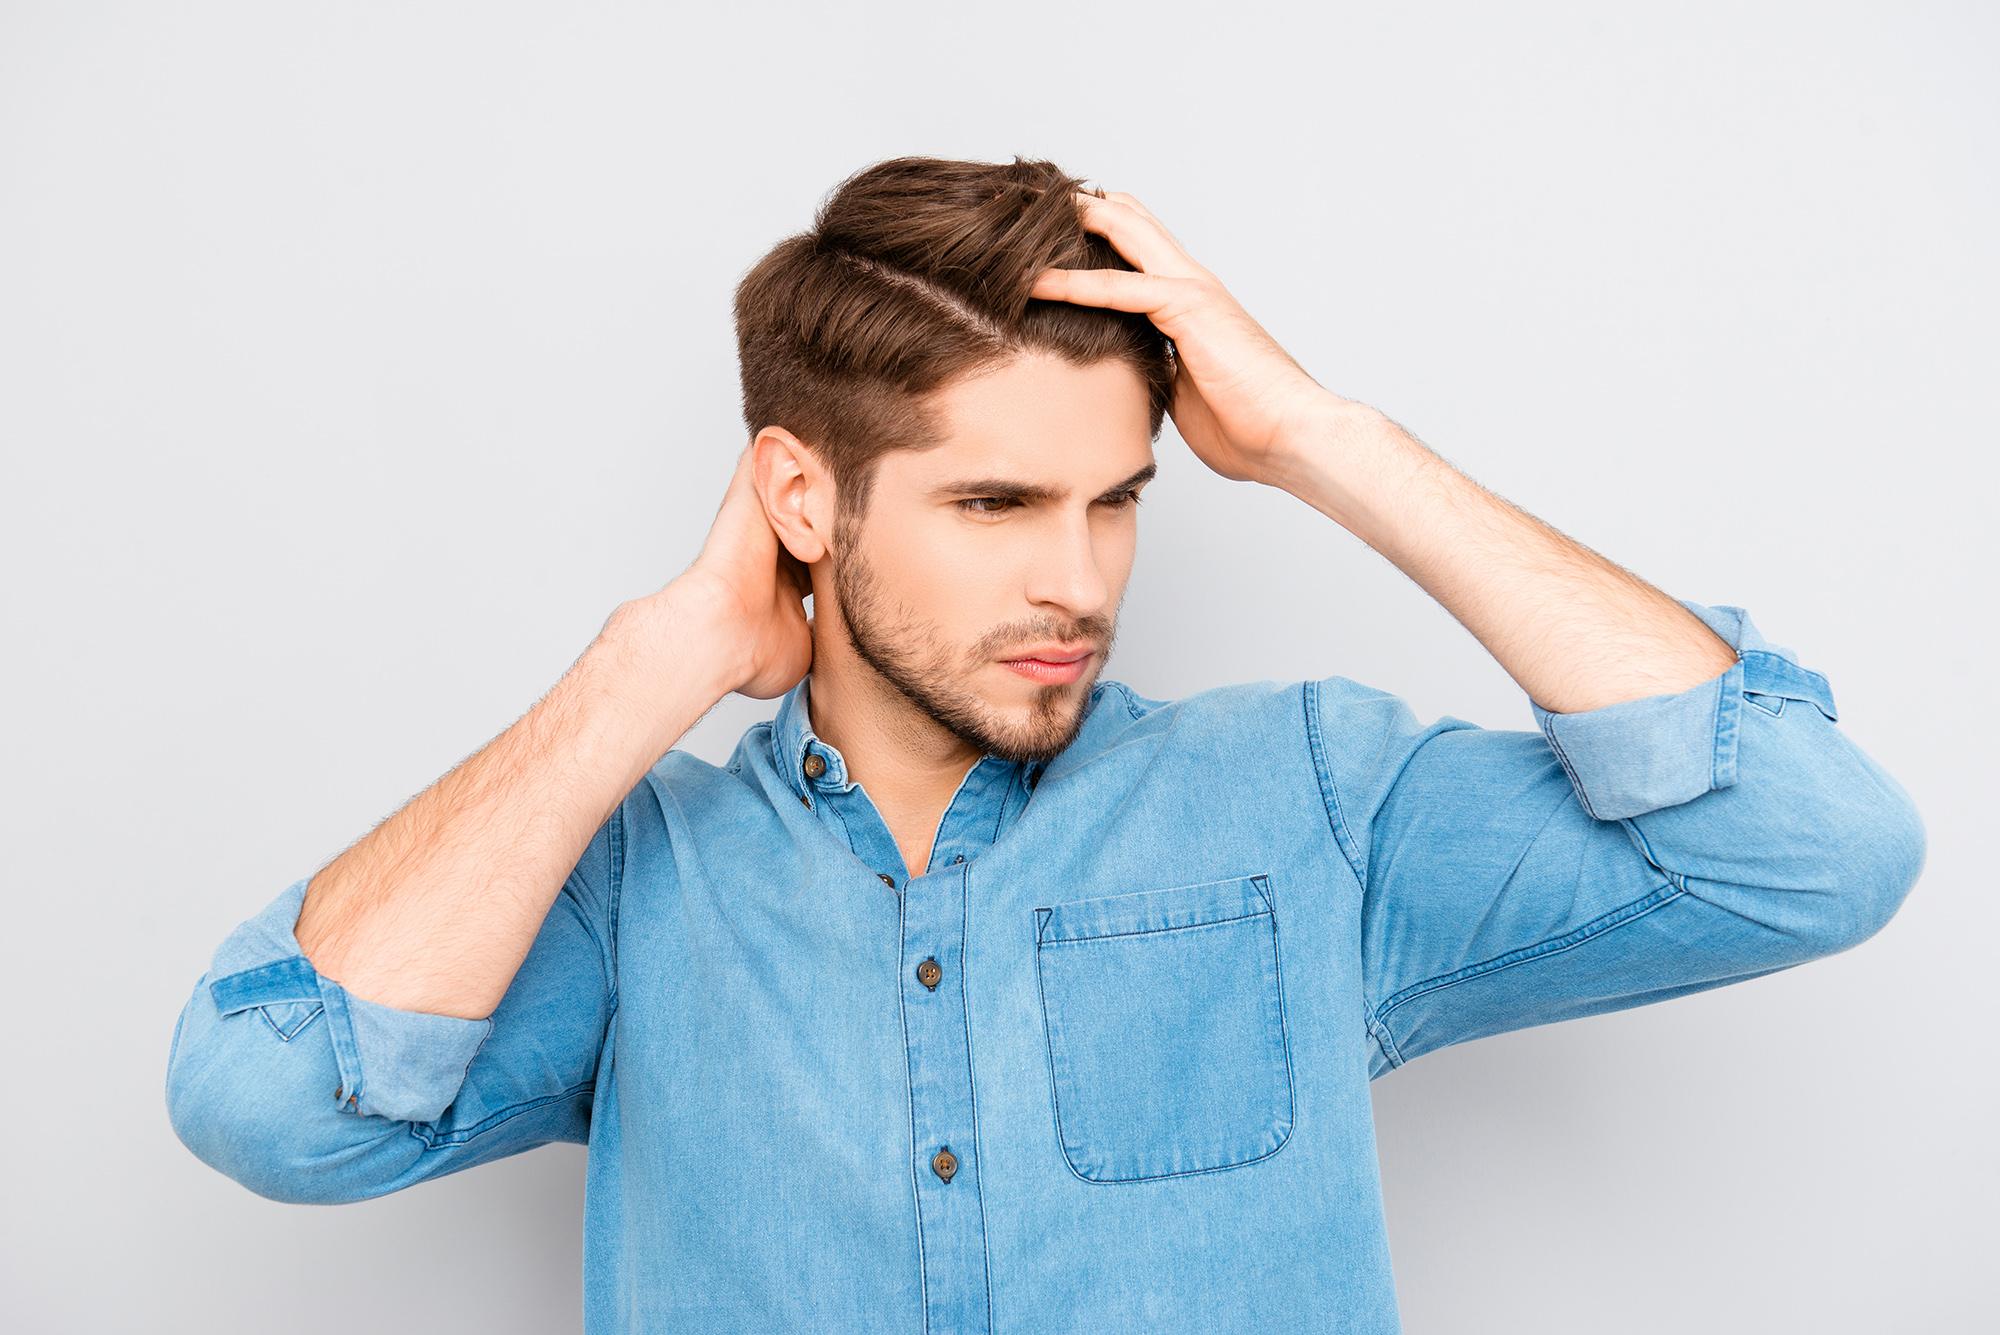 saç ekimi cinsel ilişki